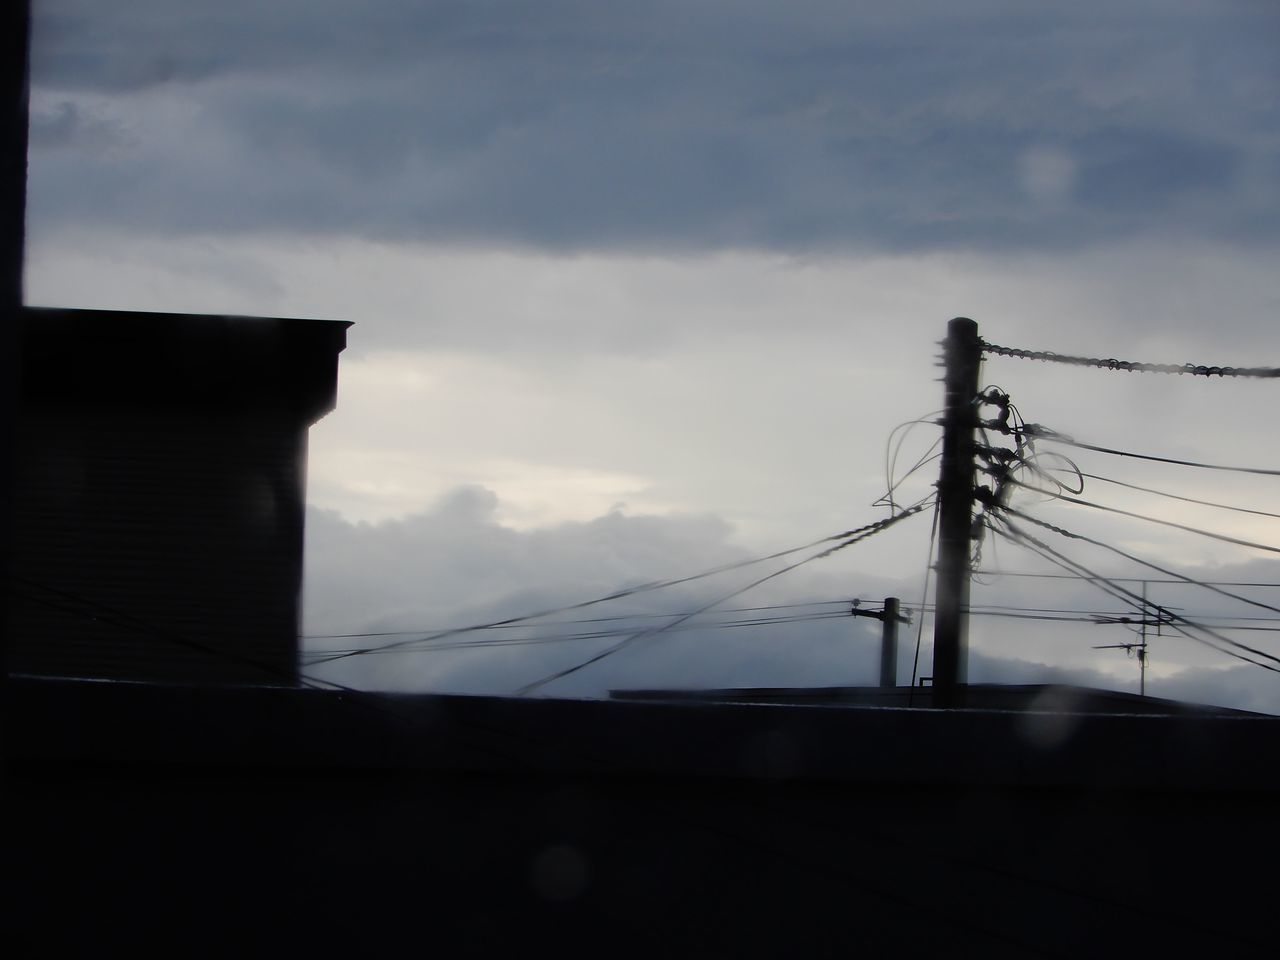 不安定な天気の時にはバーチャル美術館巡りでも_c0025115_22130073.jpg